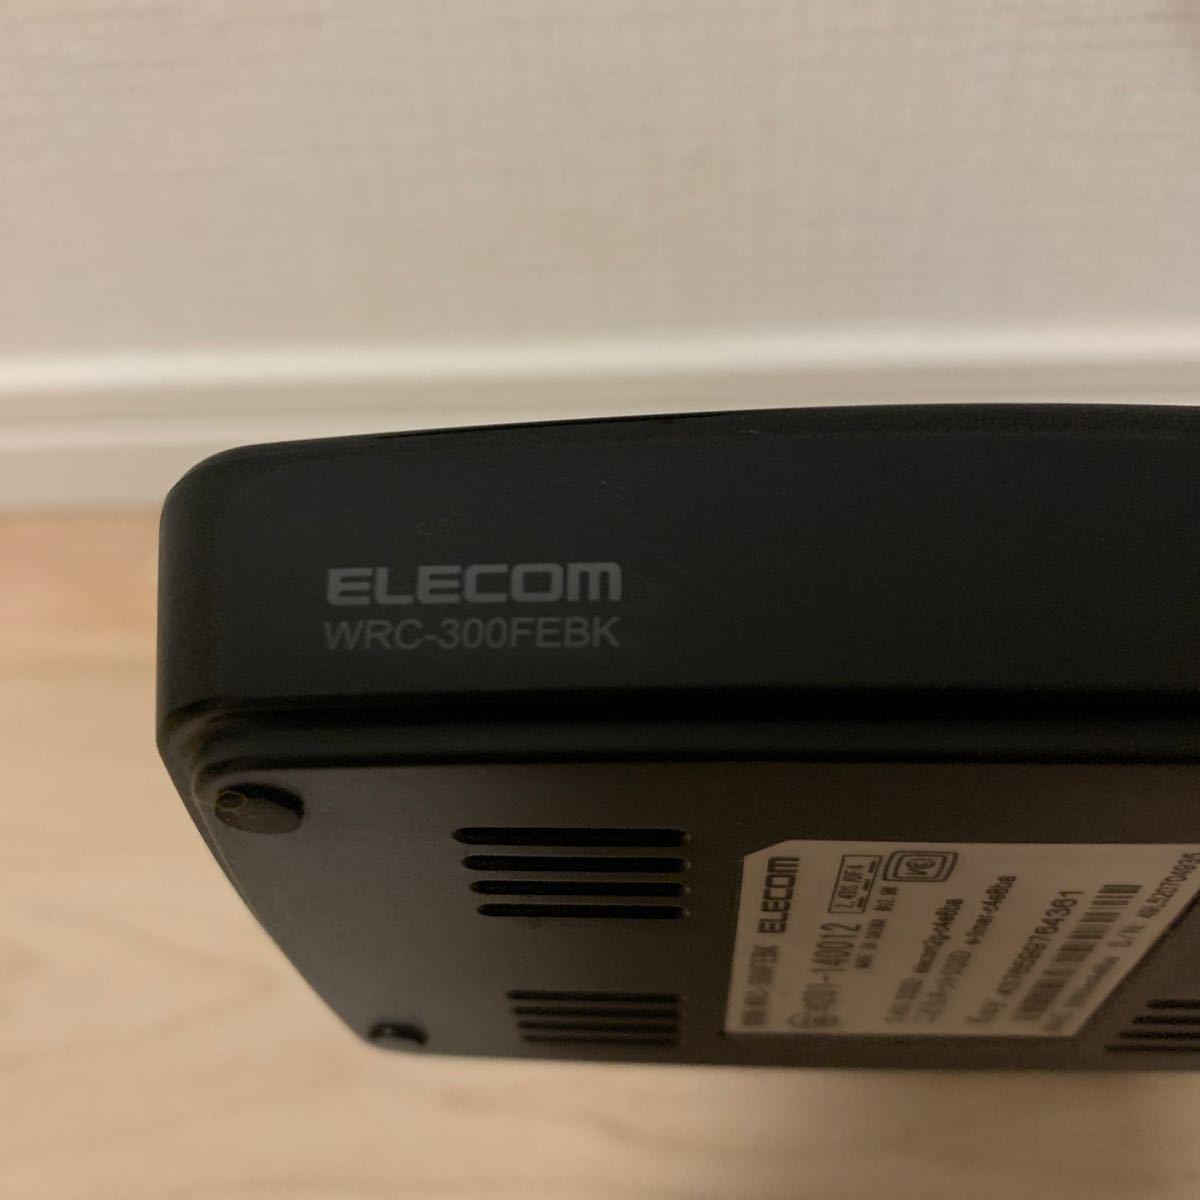 ELECOM WRC-300FEBK 無線LANルーター